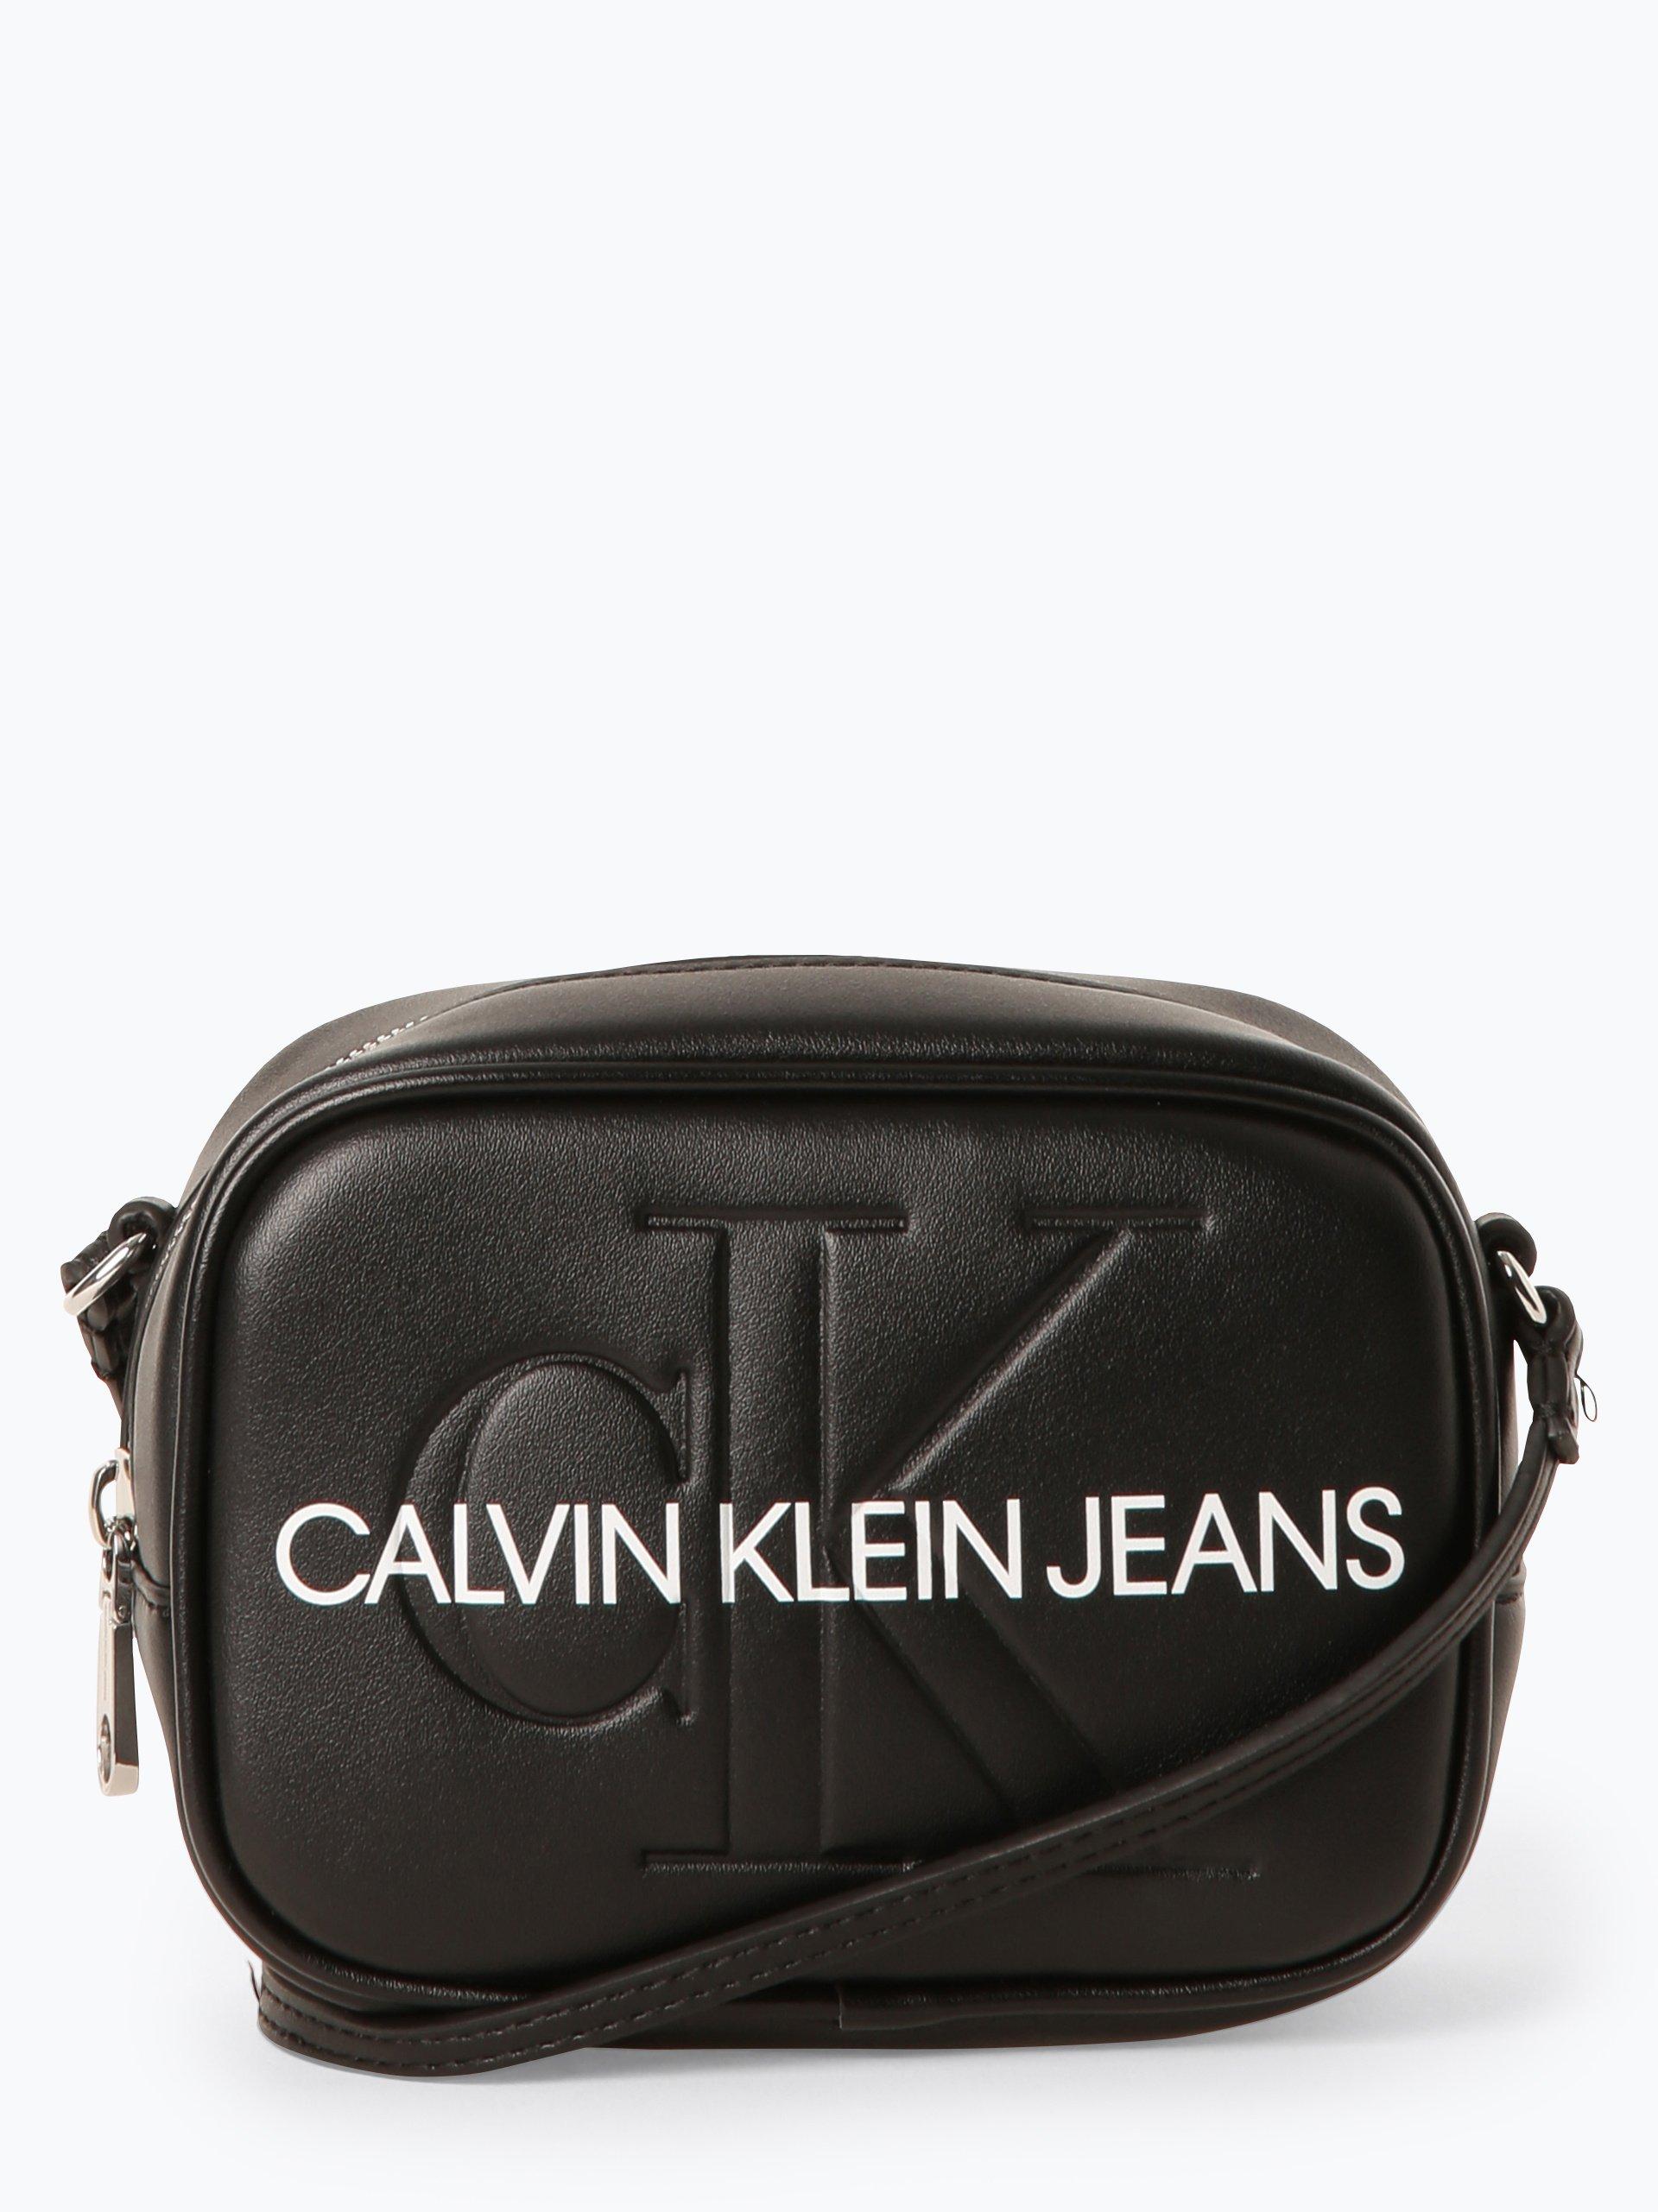 Calvin Klein Jeans Damen Umhängetasche